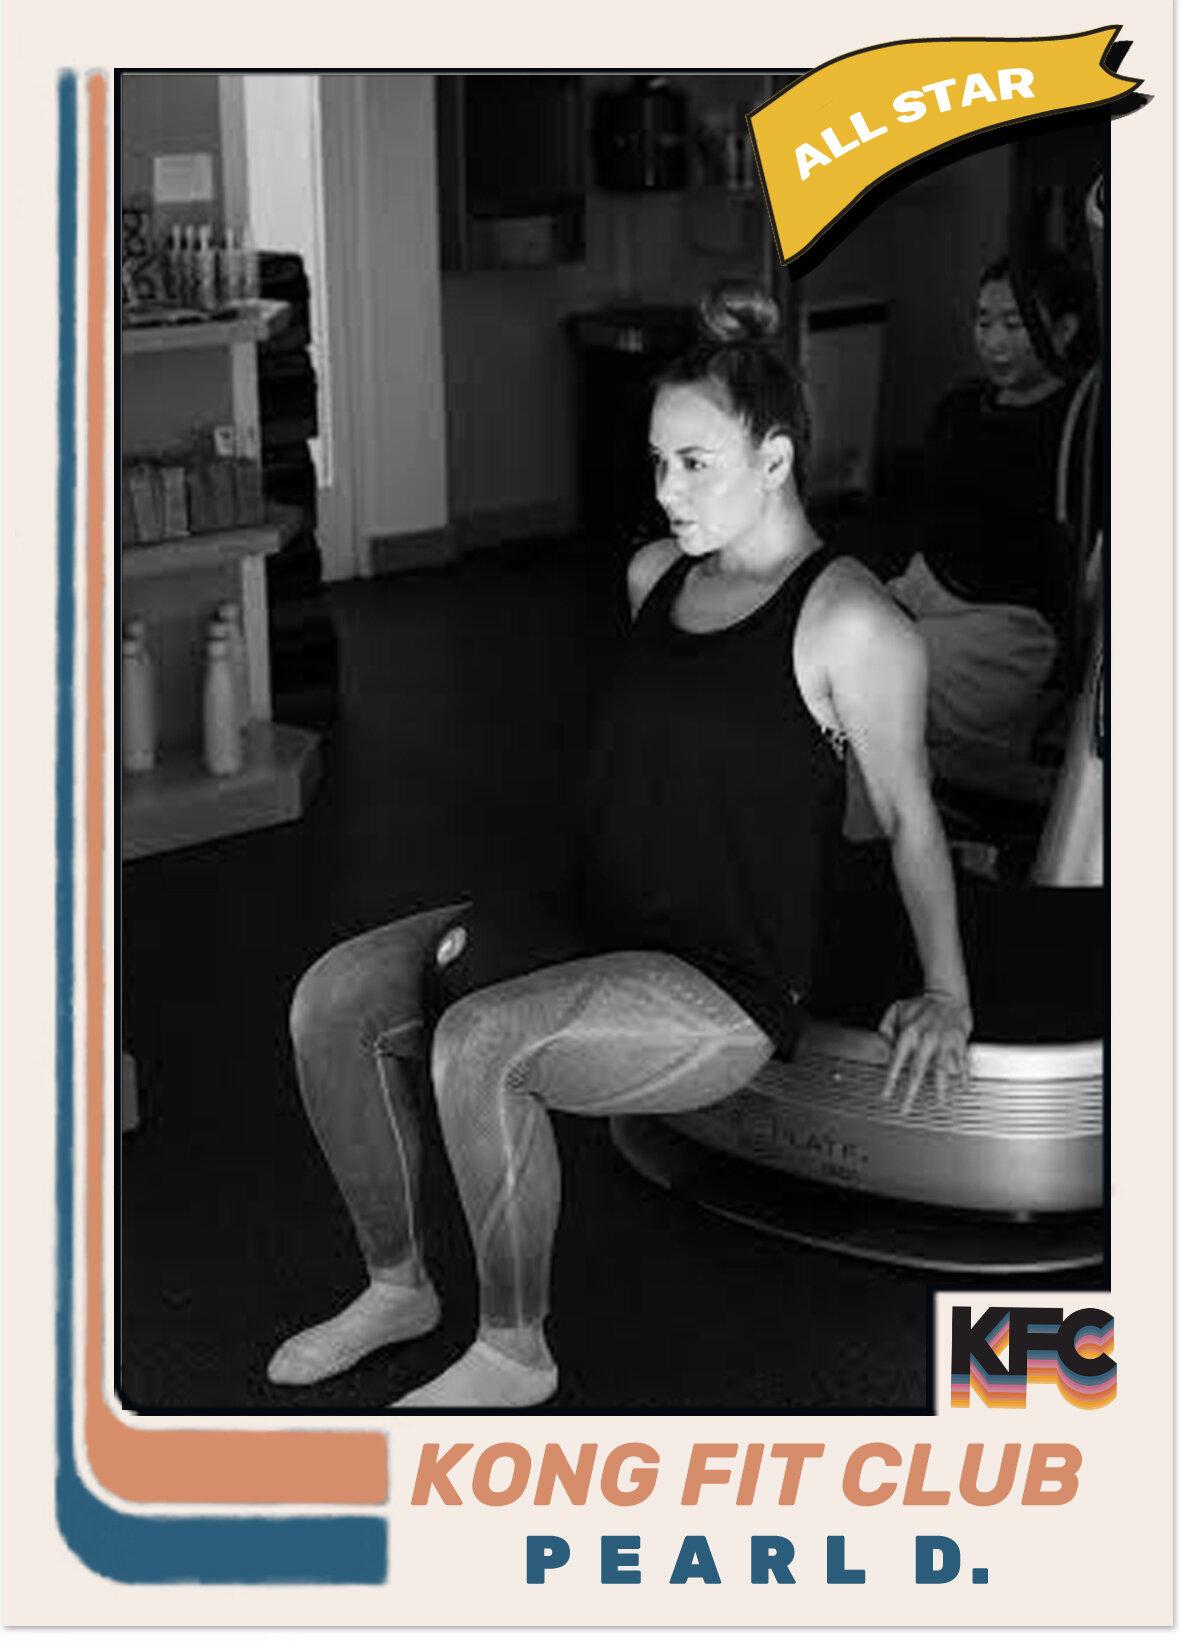 KFC BB CARD_FRONT_PEARL D.jpg